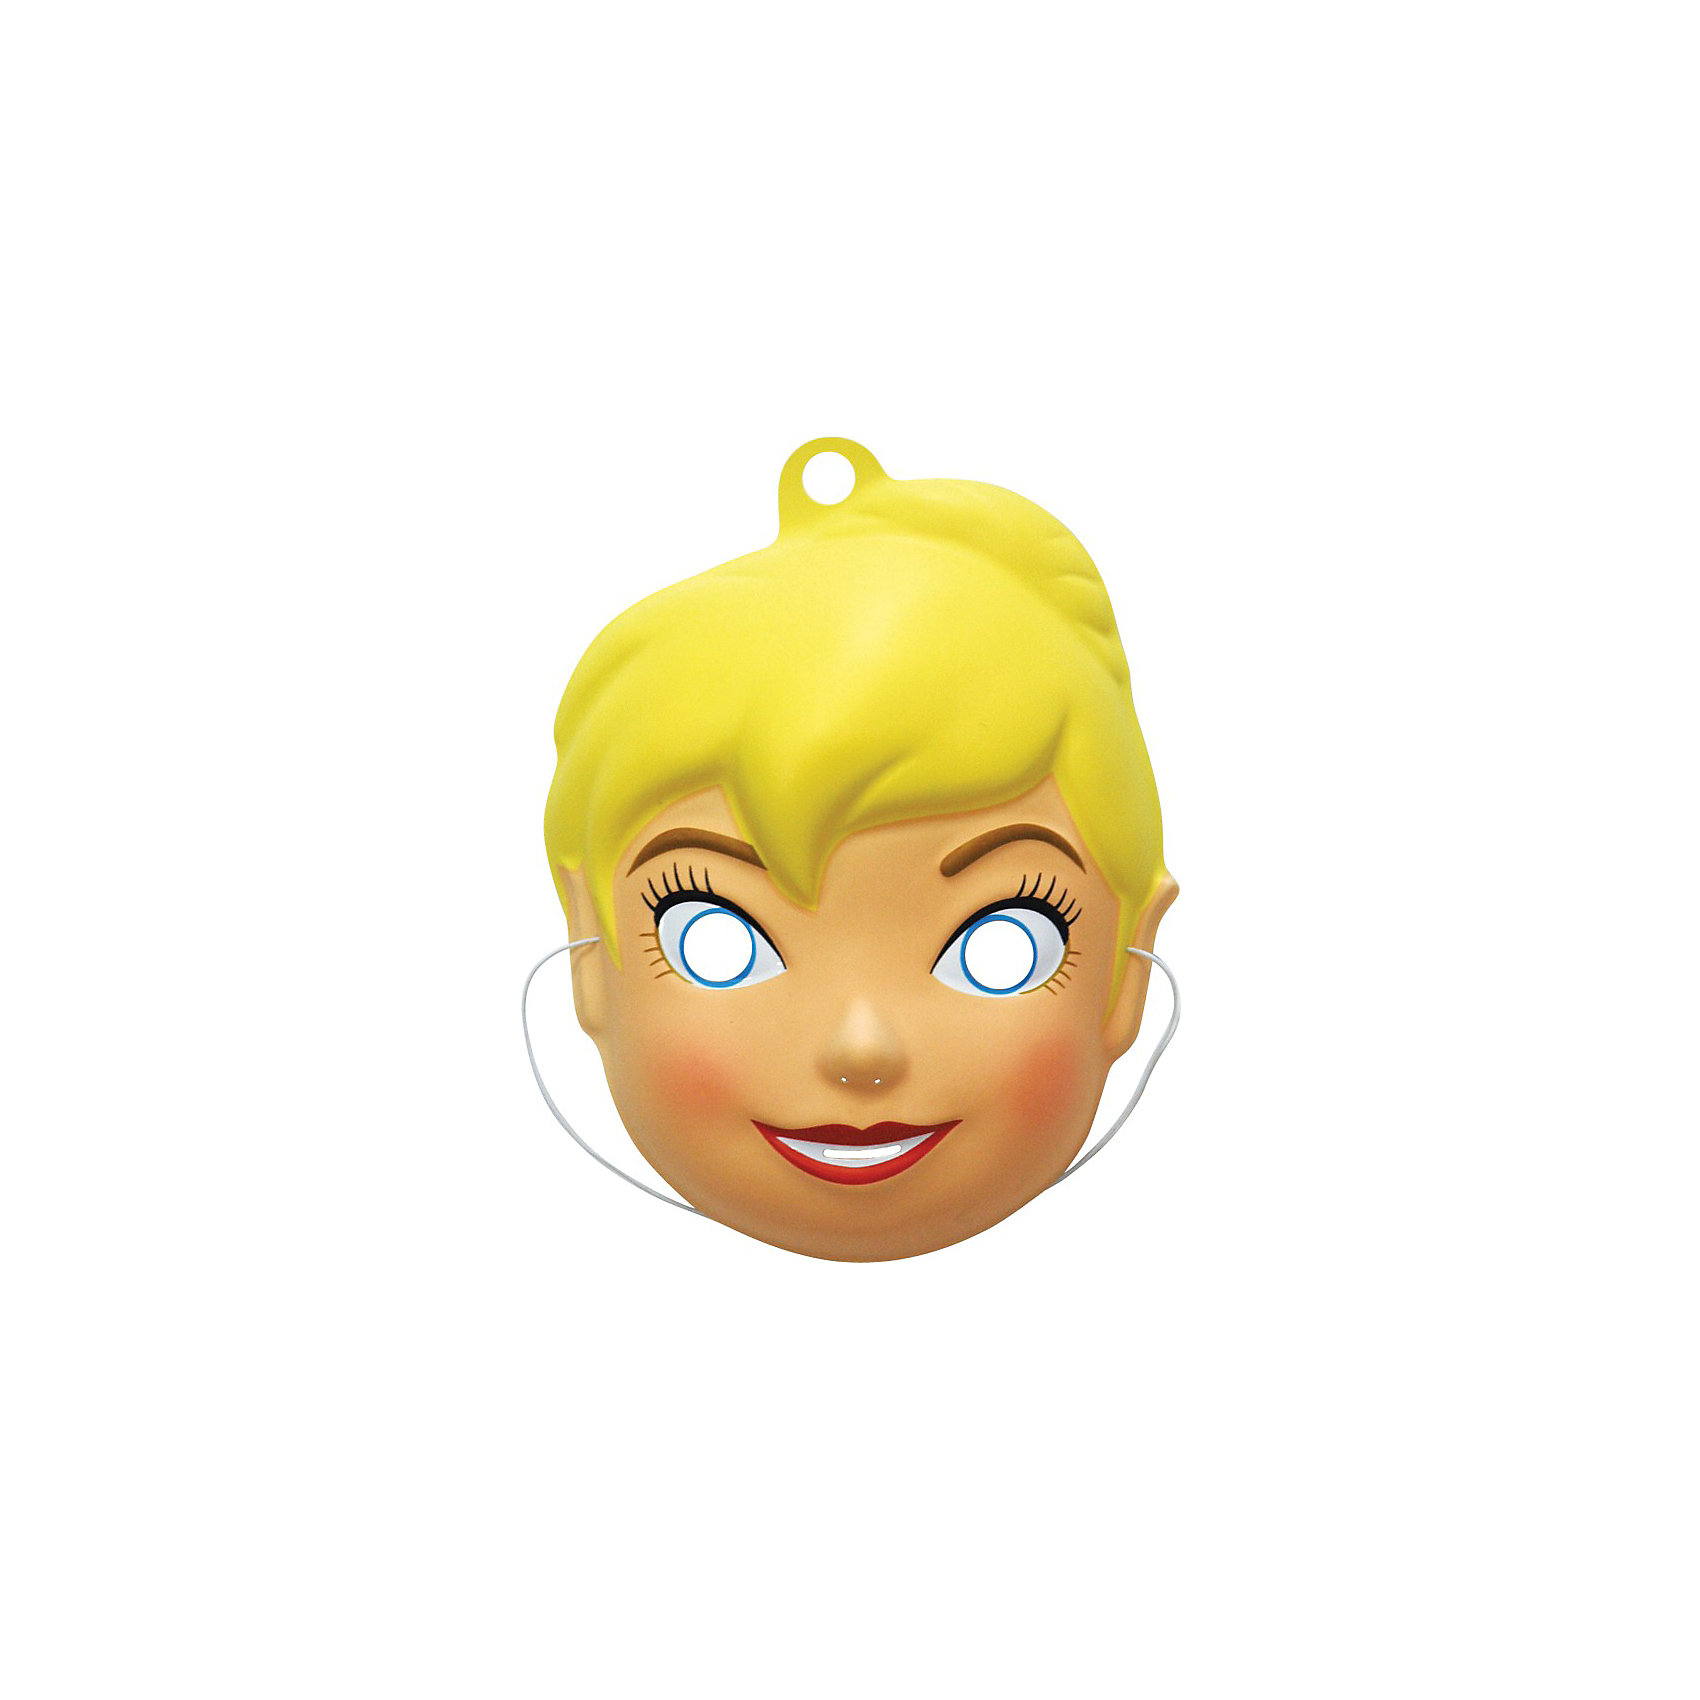 Маска Фея Динь-Динь, РосмэнОтправляясь на детский праздник, почему бы не создать образ очаровательной феи Динь-Динь? Для этого пригодится маска, которую можно использовать даже в качестве единственного карнавального элемента в одежде малышки. Надев ее, малютка легко перевоплощается в любимого персонажа.&#13;<br><br>Дополнительная информация: <br><br>- Материал: пластик.<br>- Размер:  16,5 х 4,5 х 22,5 см..<br>- Маска на резинке (входит в комплект).<br><br>Маску  Фея Динь-Динь, Росмэн можно купить в нашем магазине.<br><br>Ширина мм: 165<br>Глубина мм: 45<br>Высота мм: 225<br>Вес г: 30<br>Возраст от месяцев: 36<br>Возраст до месяцев: 108<br>Пол: Женский<br>Возраст: Детский<br>SKU: 3825973